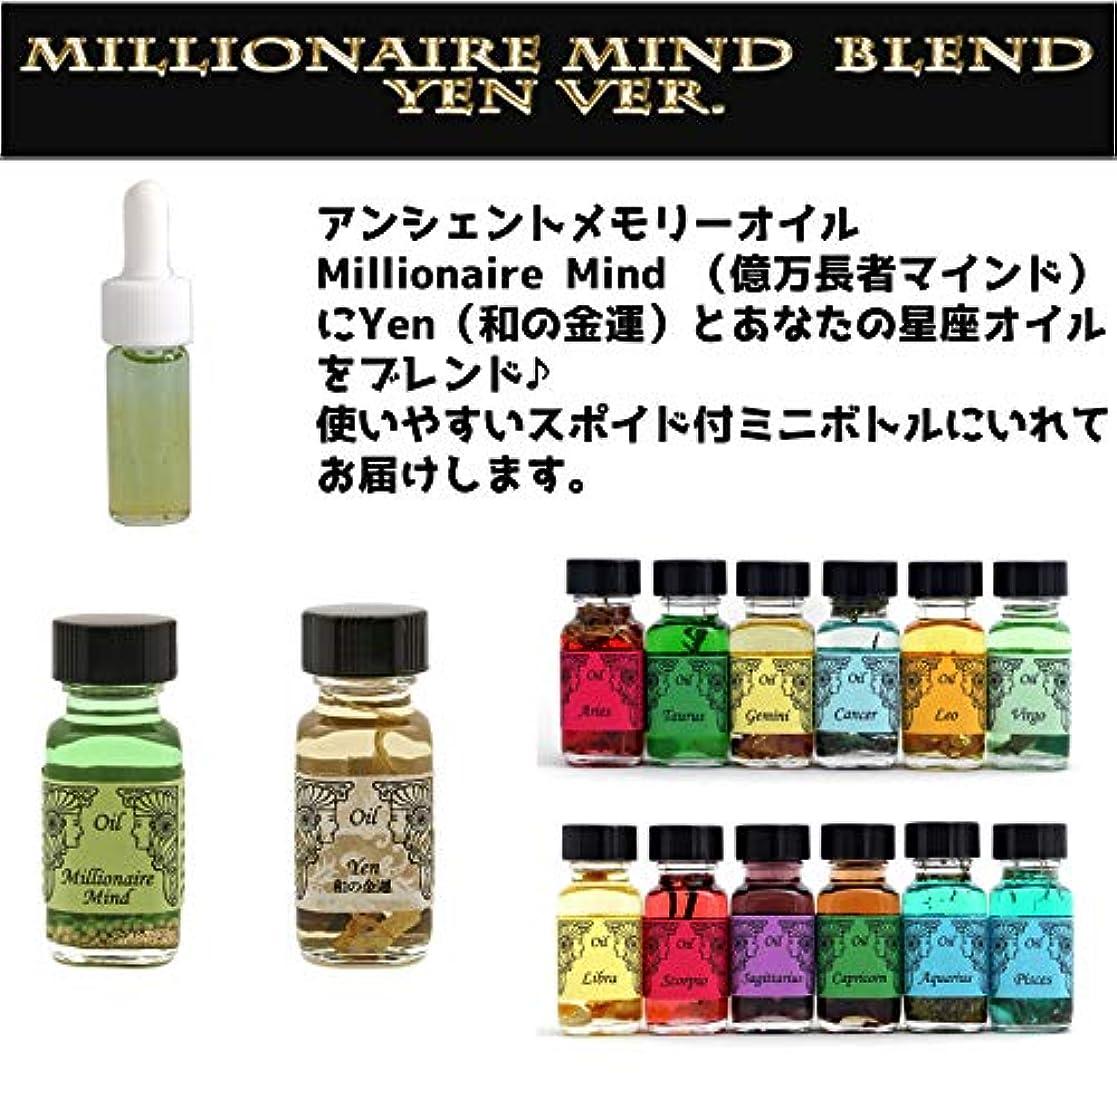 不安うなずく悪魔アンシェントメモリーオイル Millionaire Mind 億万長者マインド ブレンド【Yen 和の金運&いて座】